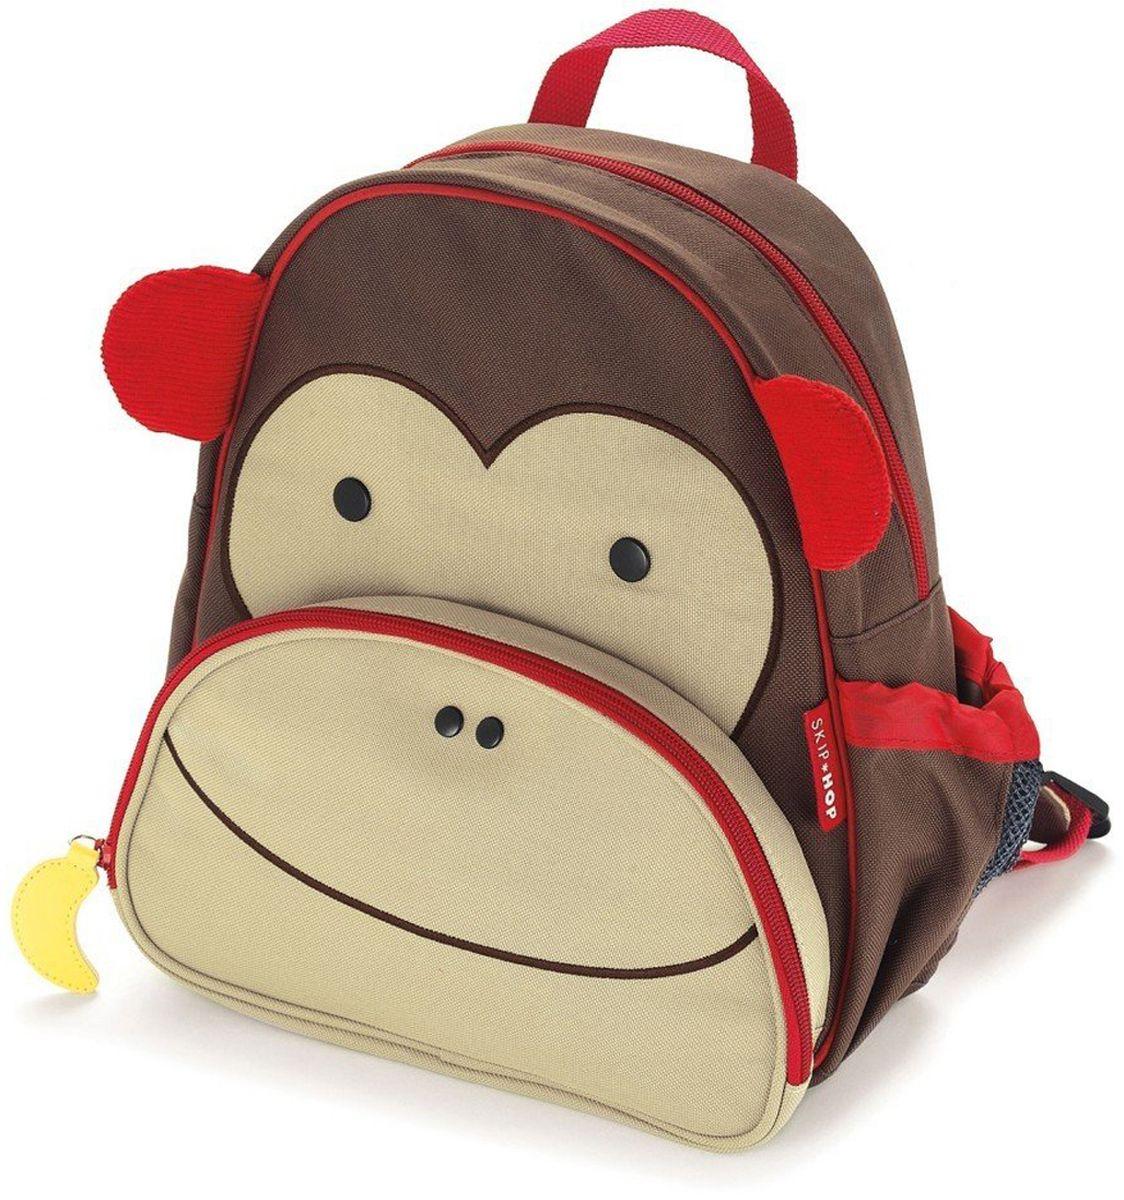 Skip Hop Рюкзак дошкольный ОбезьянаSH 210203Дошкольный рюкзак Skip Hop каждый день будет радовать вашего малыша, вызывать улыбки у прохожих и зависть у сверстников. С ним можно ходить в детский сад, на прогулку, в гости к бабушке или ездить на экскурсии.Рюкзак имеет одно основное отделение на застежке-молнии, в которое легко поместятся книжка, альбом для рисования, краски, фломастеры, любимая игрушка и контейнер с едой, а кармашек сбоку предназначен специально для бутылочки с водой. Передний карман на молнии предназначен для мелких вещей.Рюкзак оснащен ручкой для переноски в руках и лямками регулируемой длины.